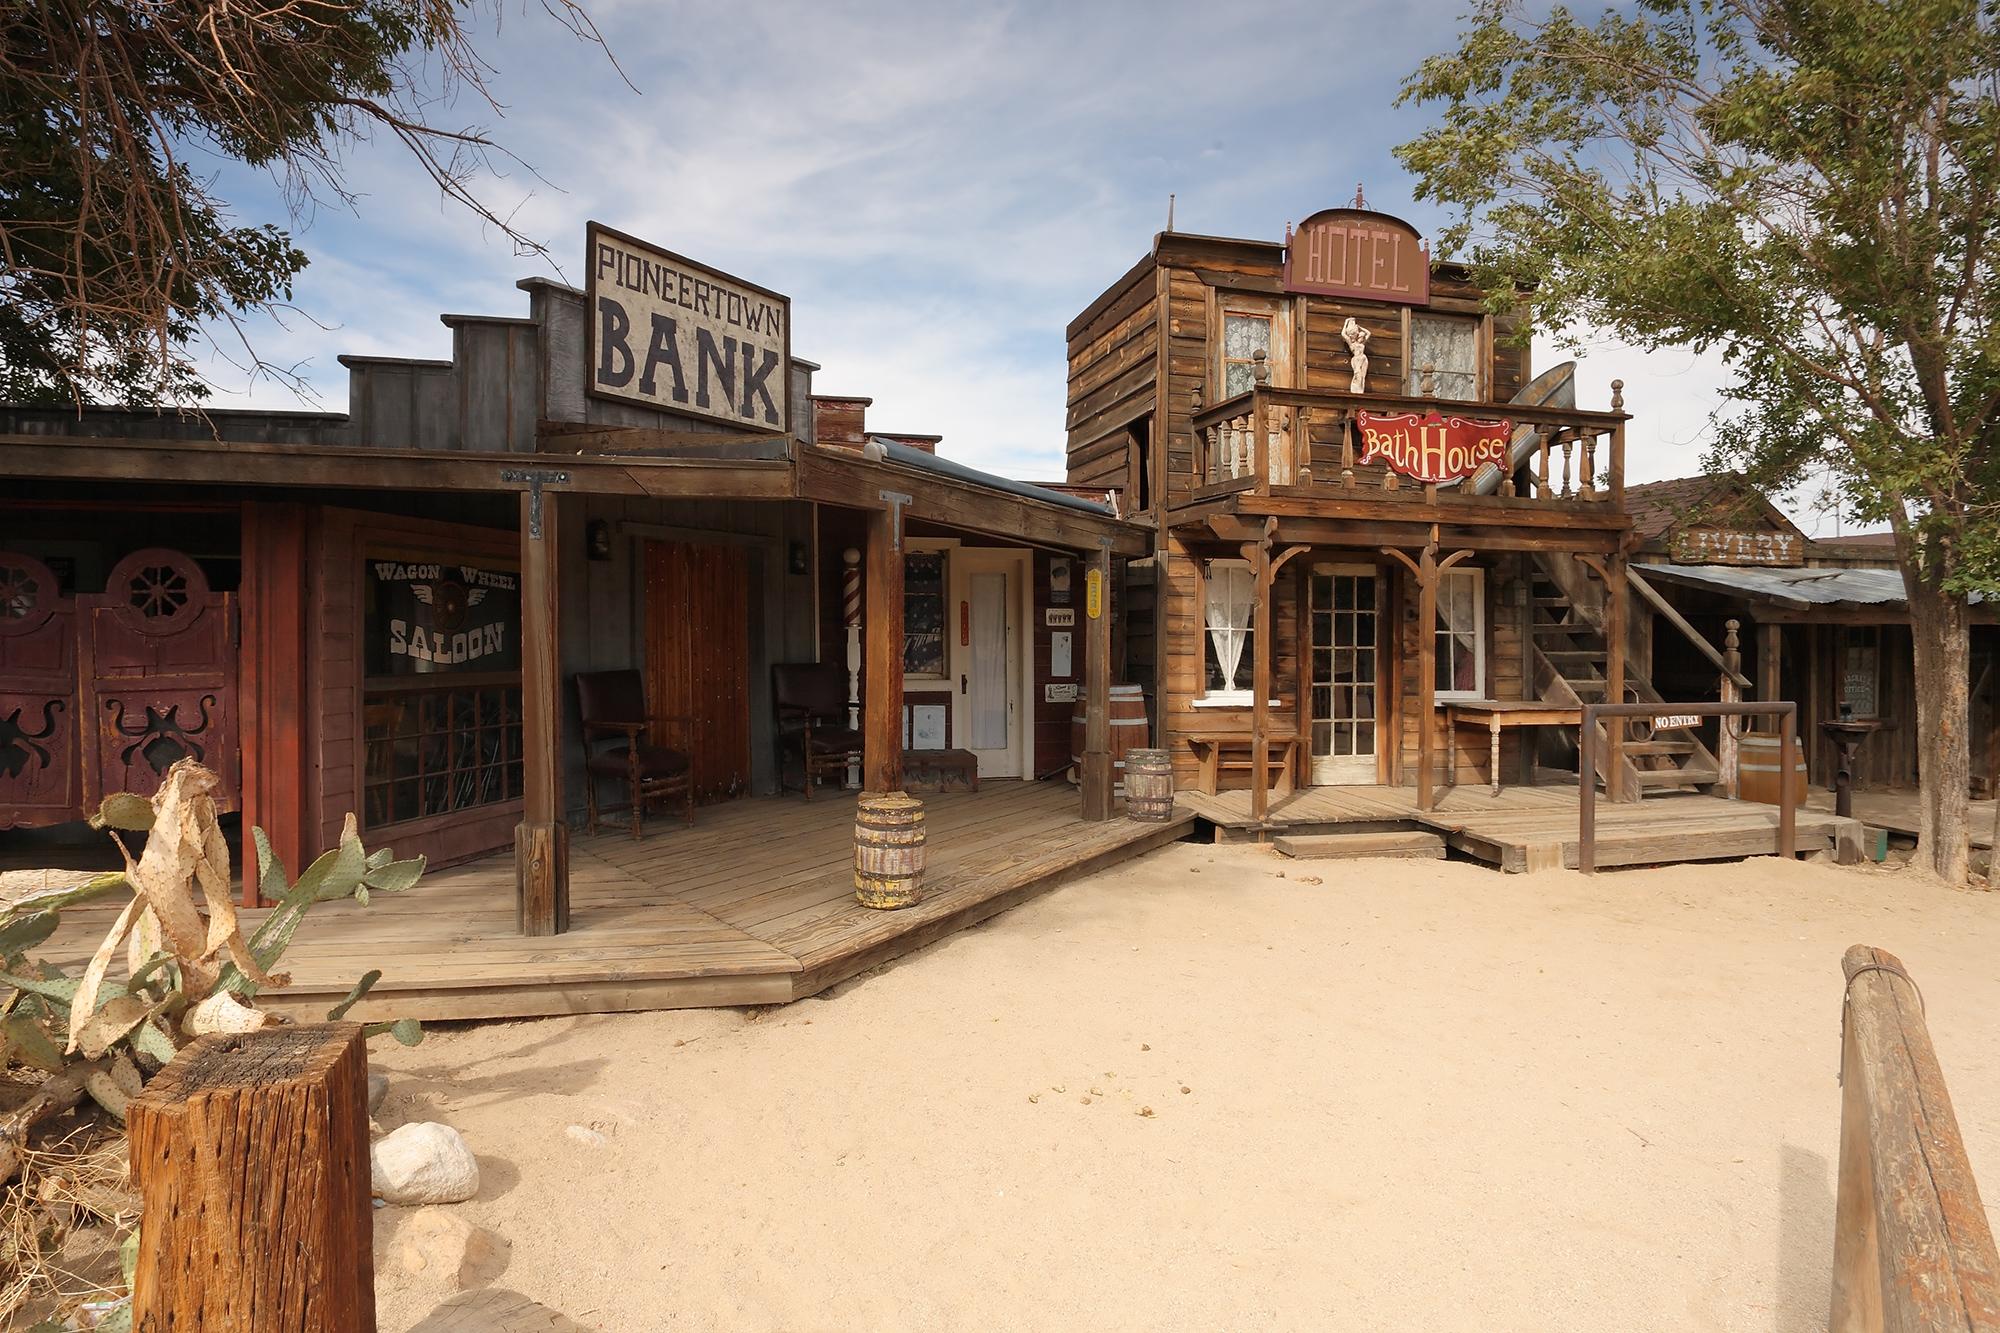 Pioner Town, California